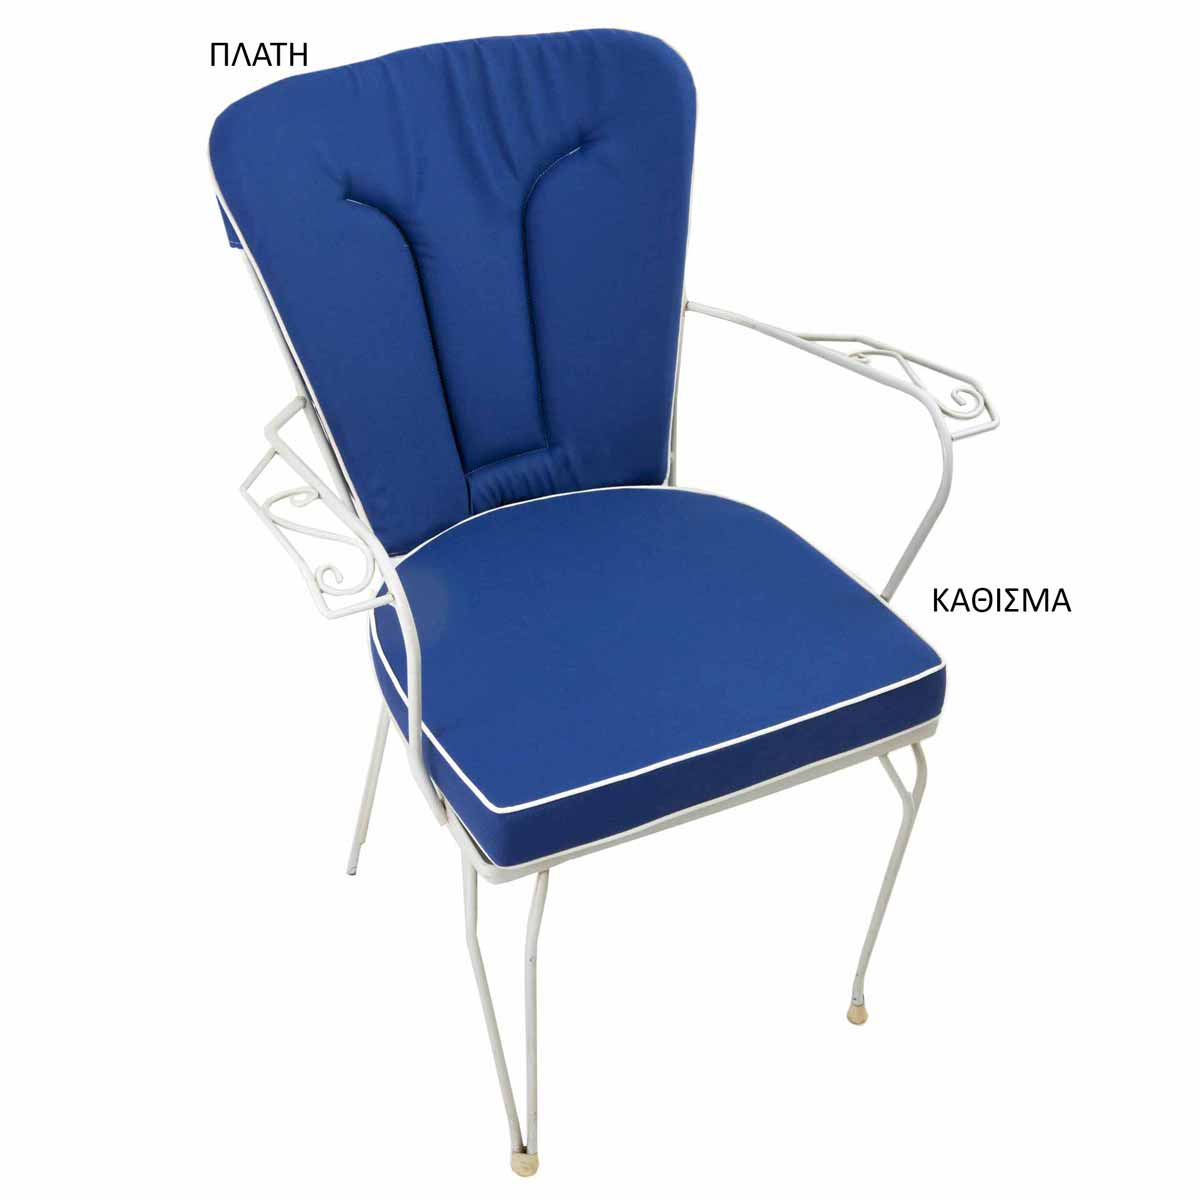 Μαξιλάρι Πλάτης Φερ Φορζέ Be Comfy Blue 802